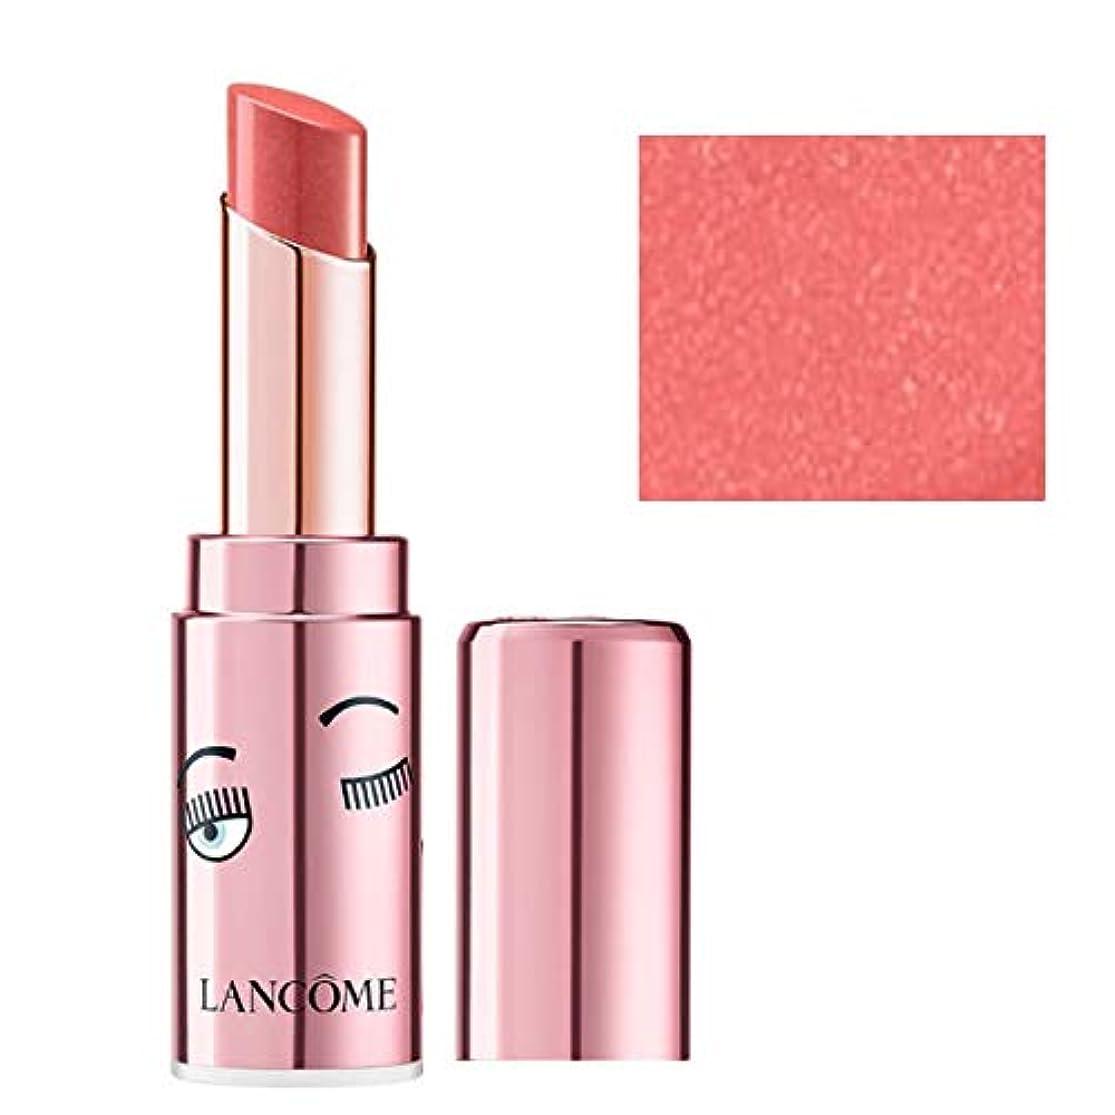 効果つぼみ避けるランコム(LANCOME), 限定版 limited-edition, x Chiara Ferragni L'Absolu Mademoiselle Shine Balm Lipstick - Kinda Flirty [海外直送品] [並行輸入品]